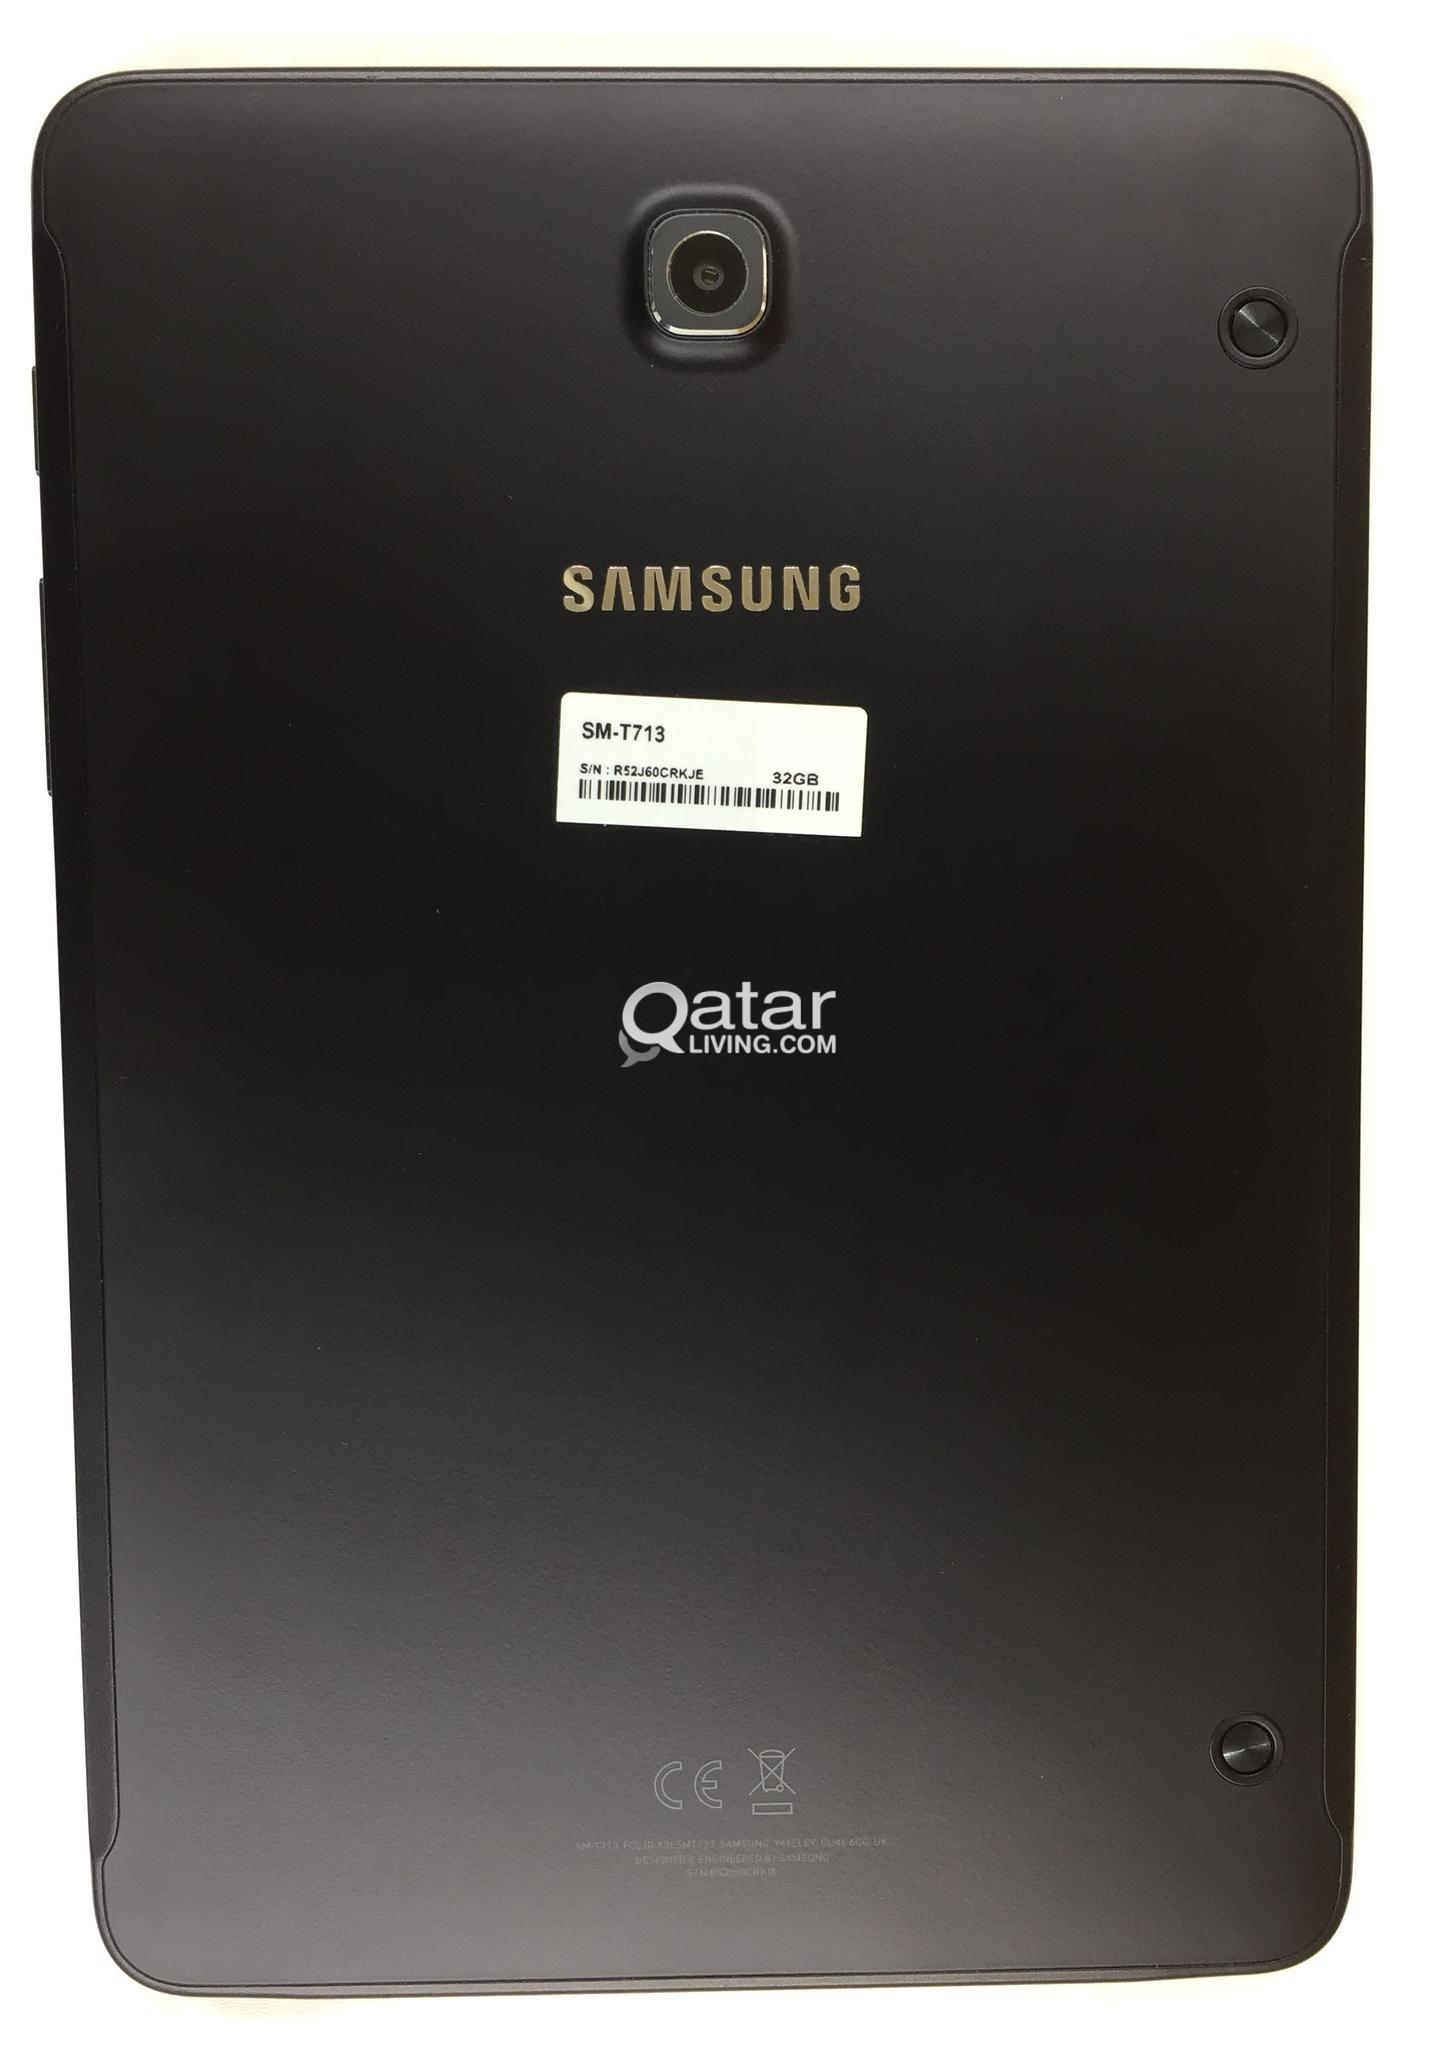 Samsung galaxy S2 32 GB